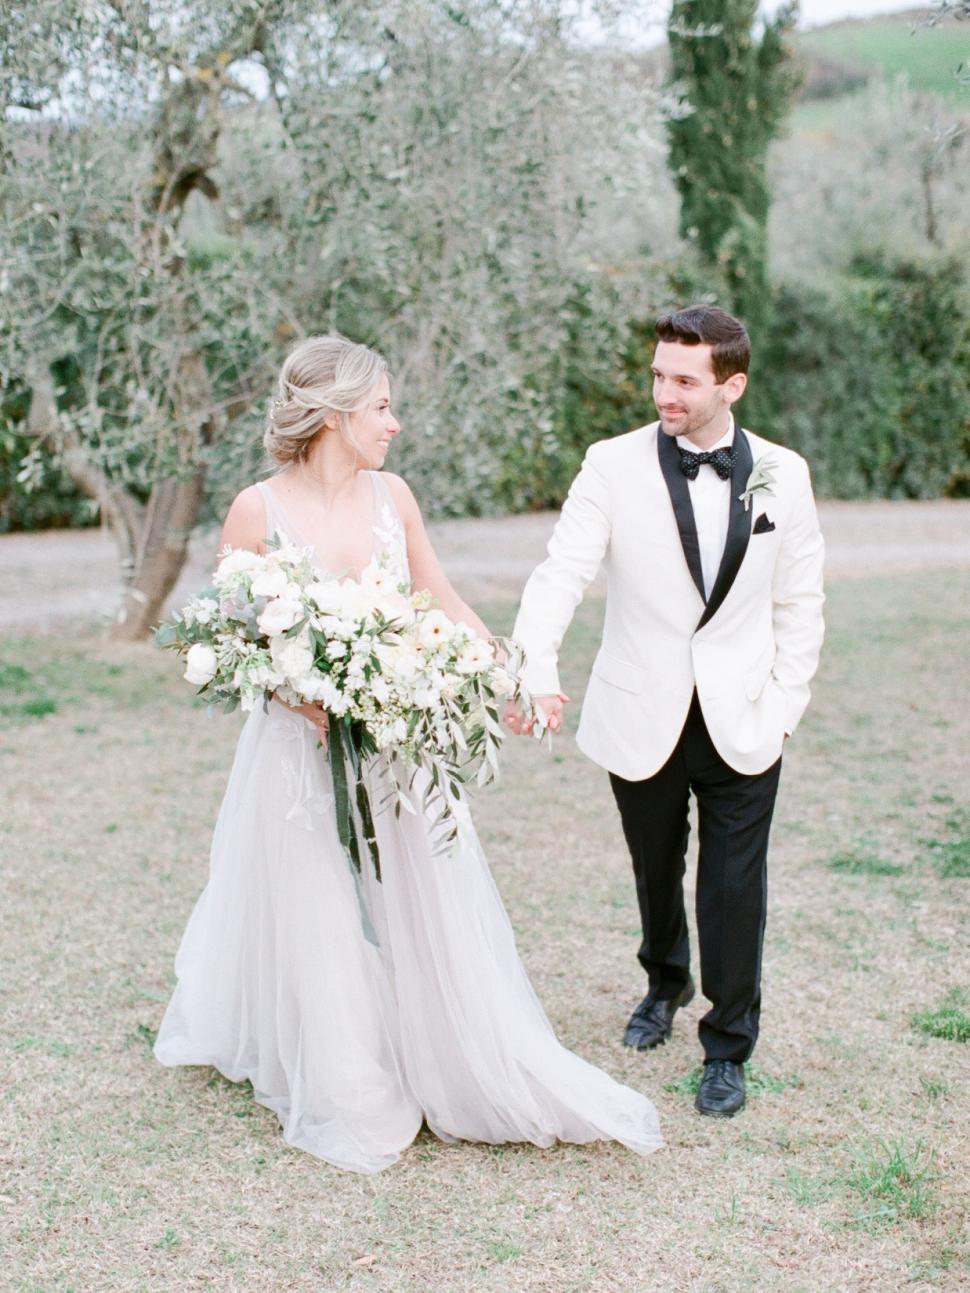 Tuscany-Destination-Wedding-Photographer-Cassi-Claire-Borgo-Petrognano-Florence-Wedding-31.jpg